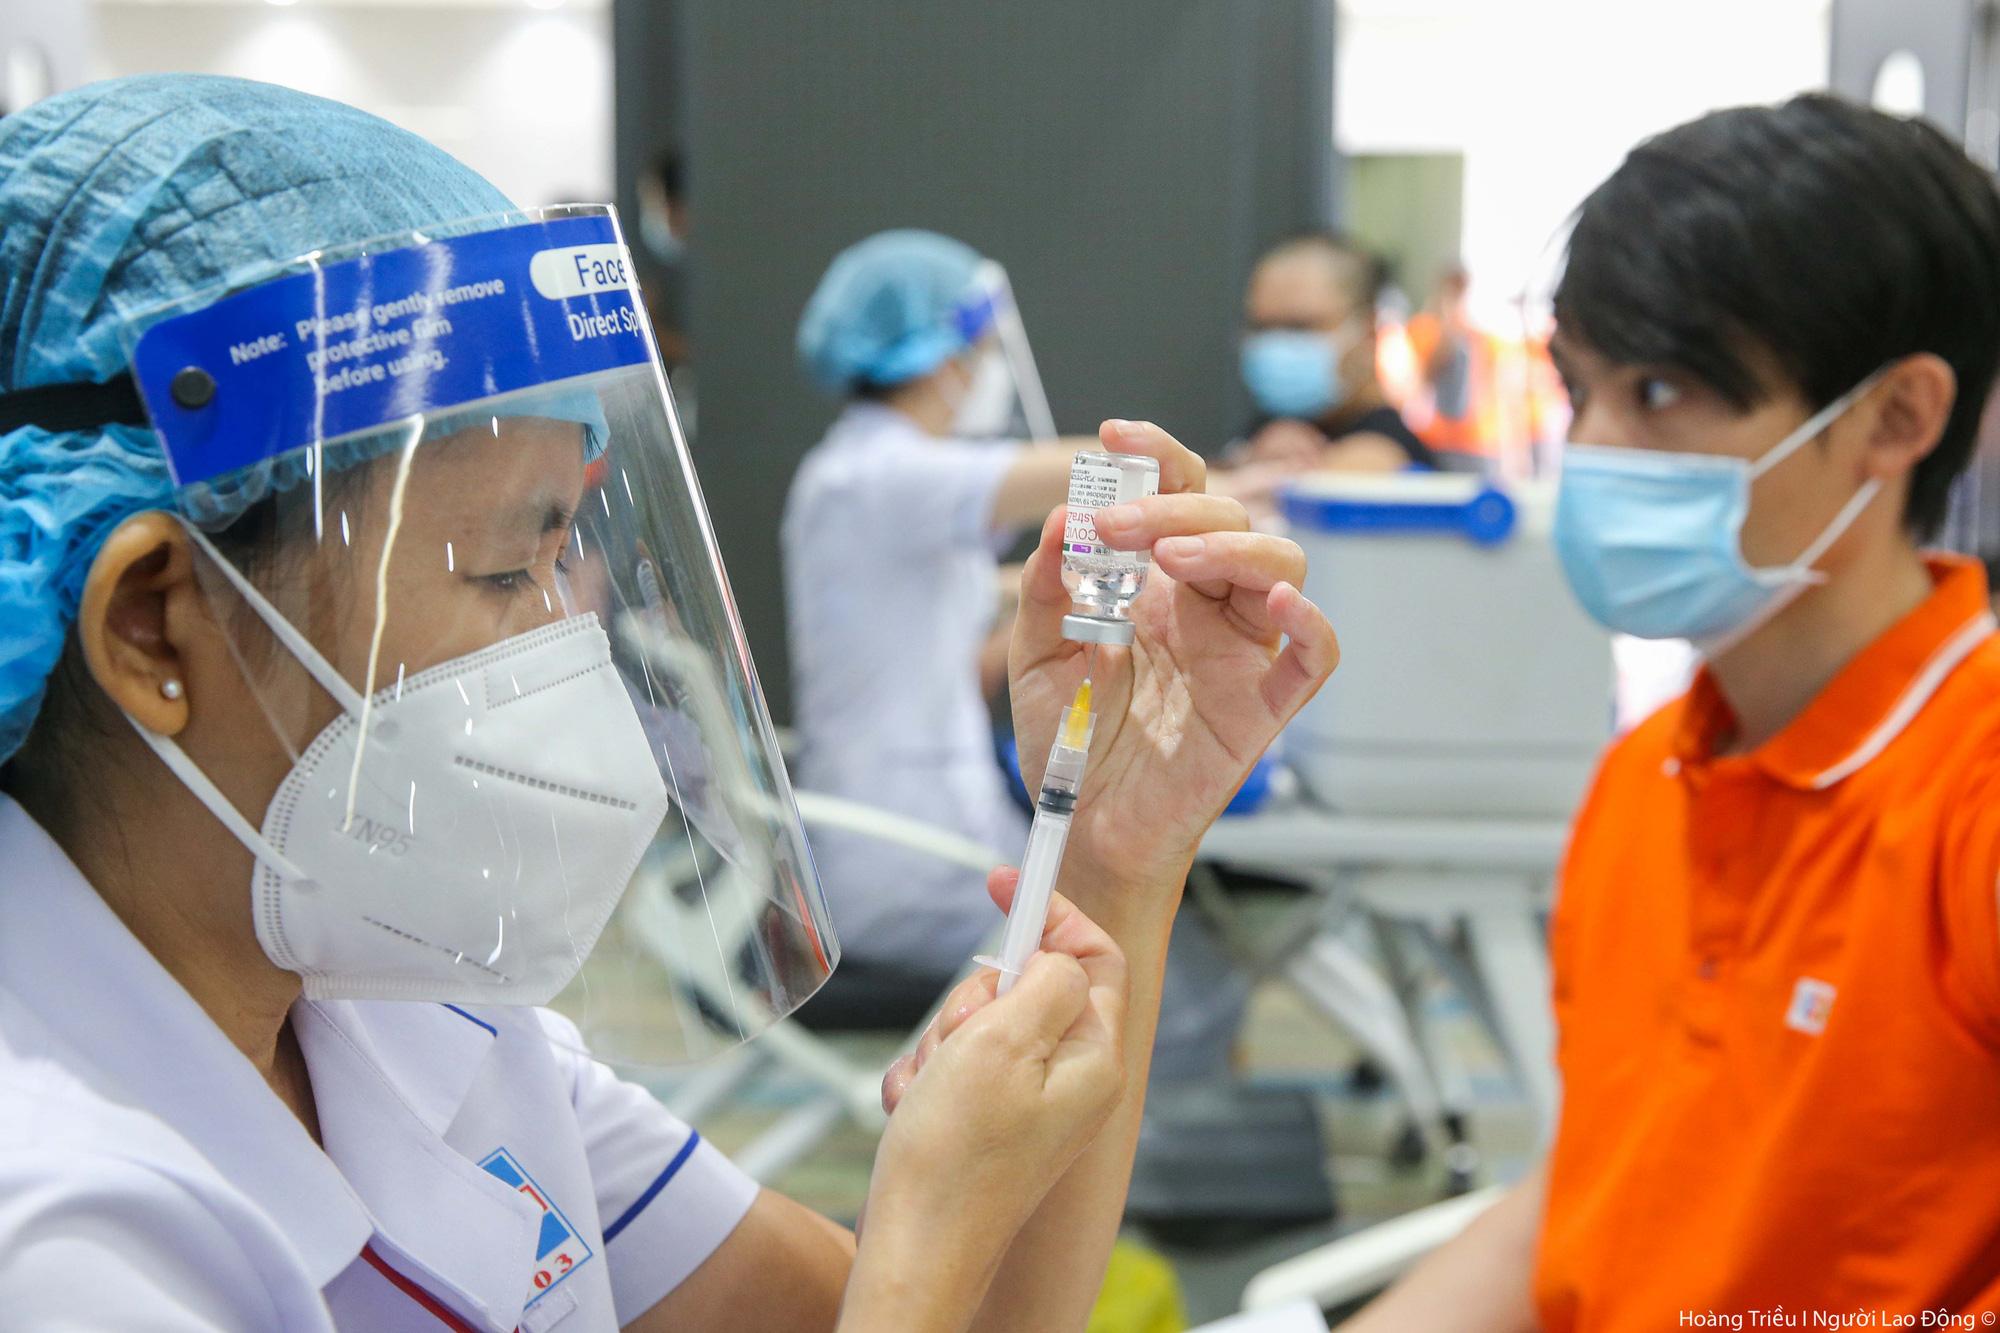 Bắt đầu chiến dịch tiêm chủng vắc-xin Covid-19 quy mô lớn: Ai được ưu tiên? - Báo Người lao động